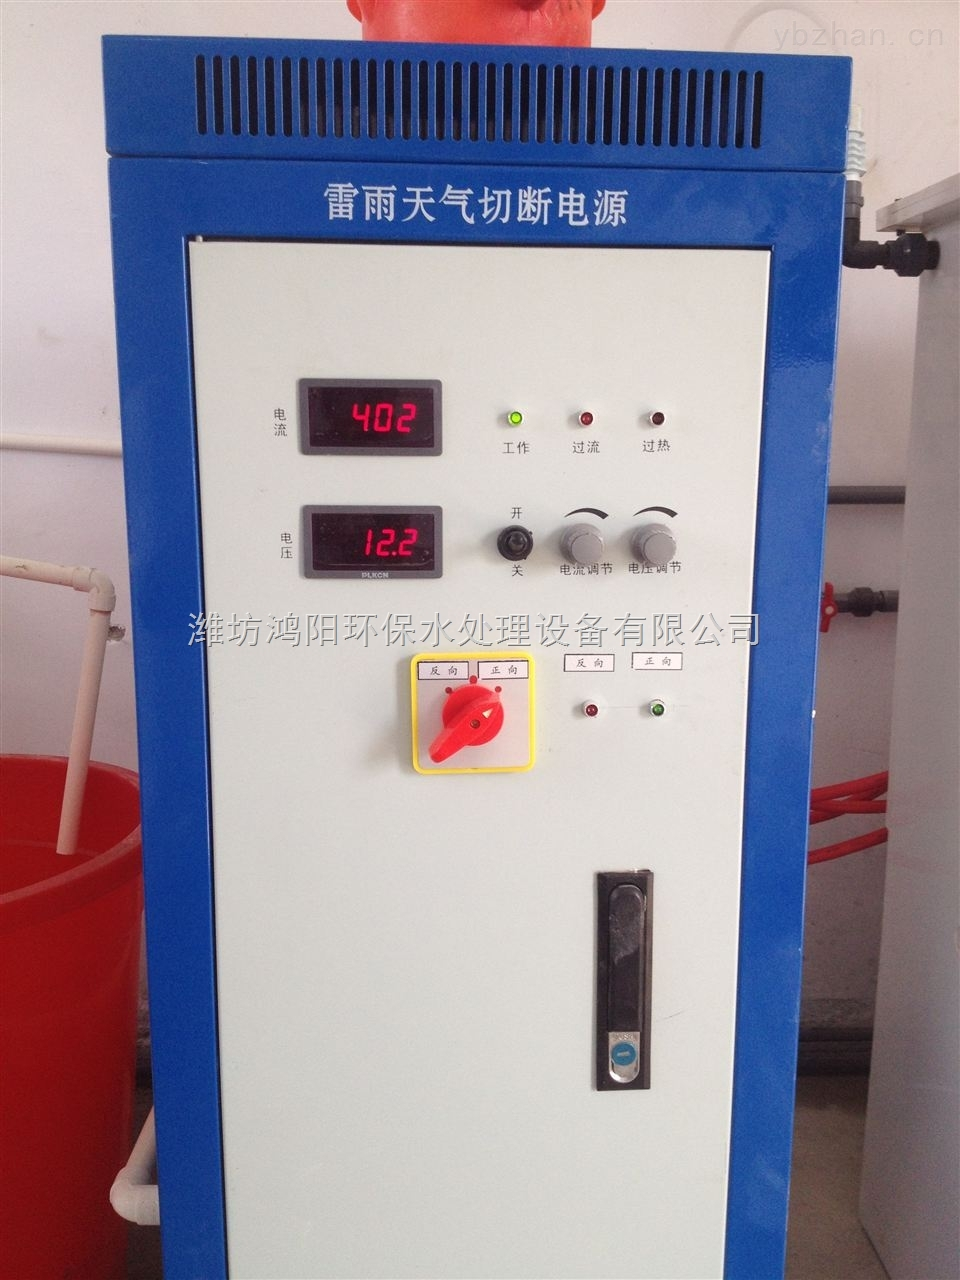 次氯酸钠发生器 厂家极力推荐鸿阳环保